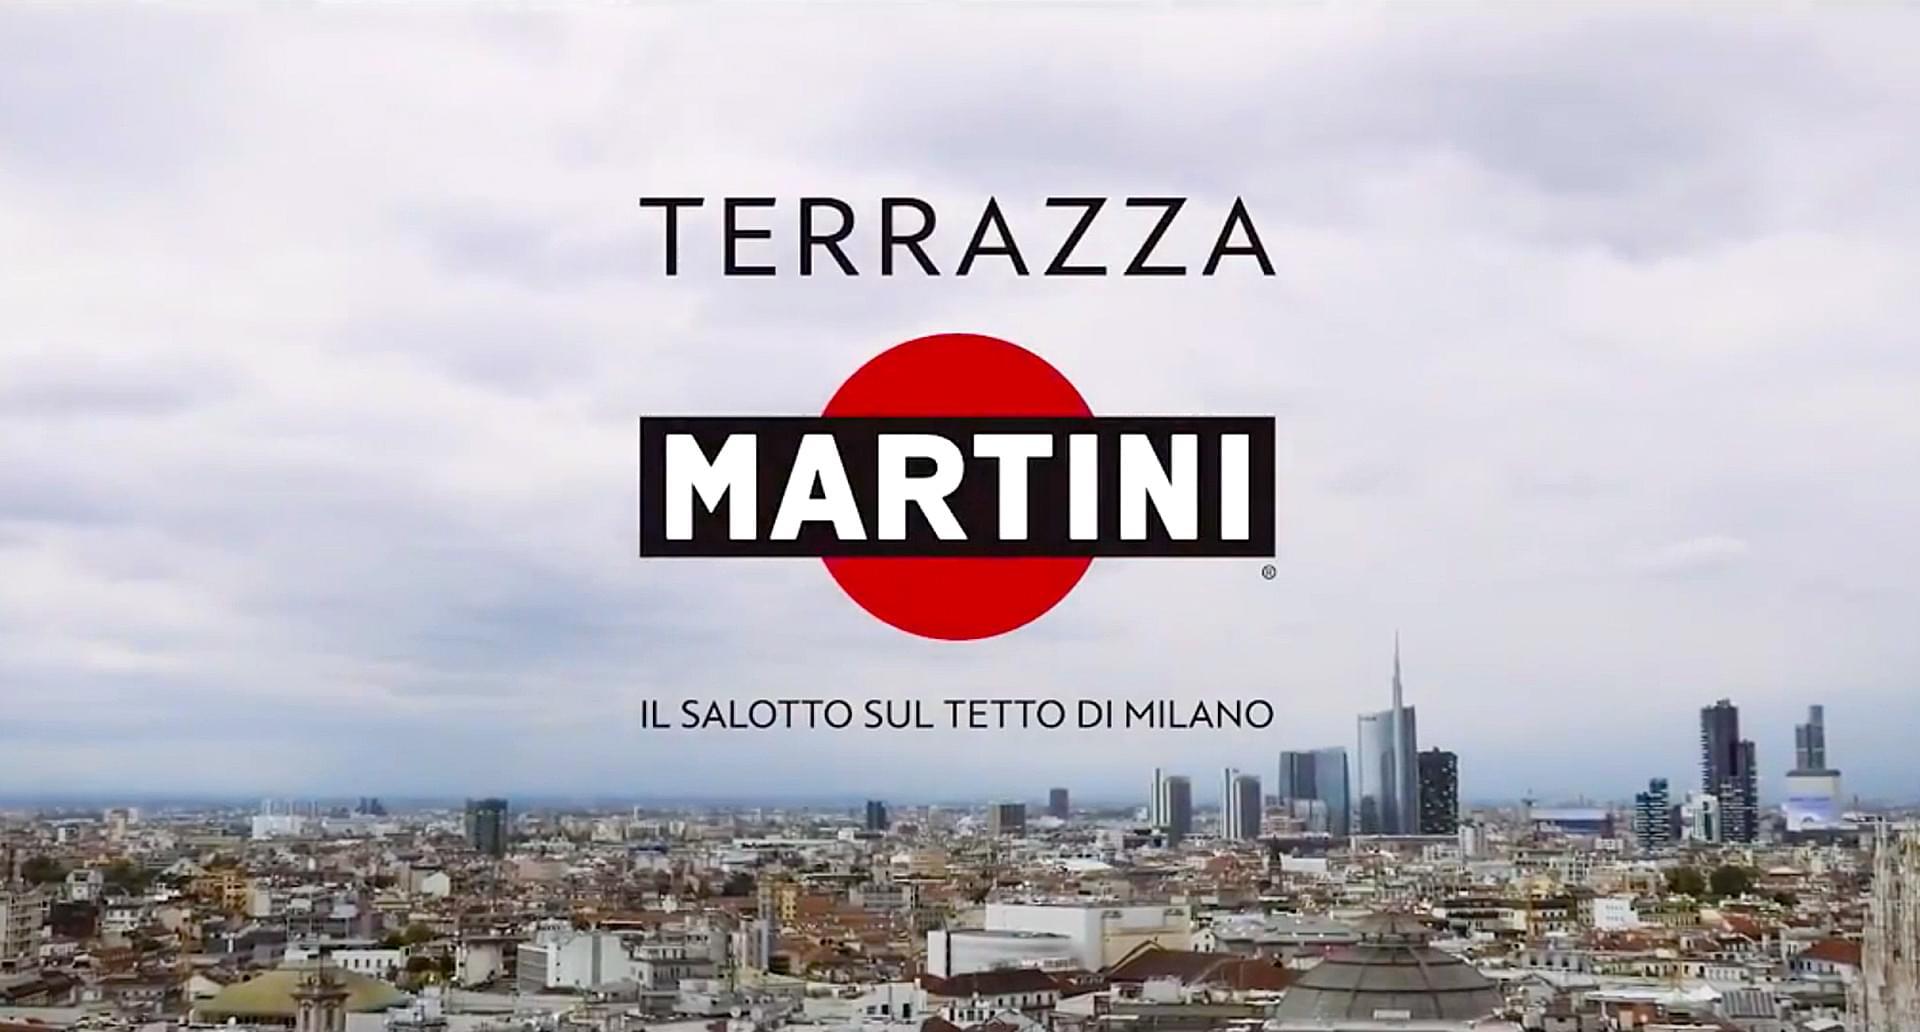 Terrazza Martini Milano  Il salotto sul tetto di Milano